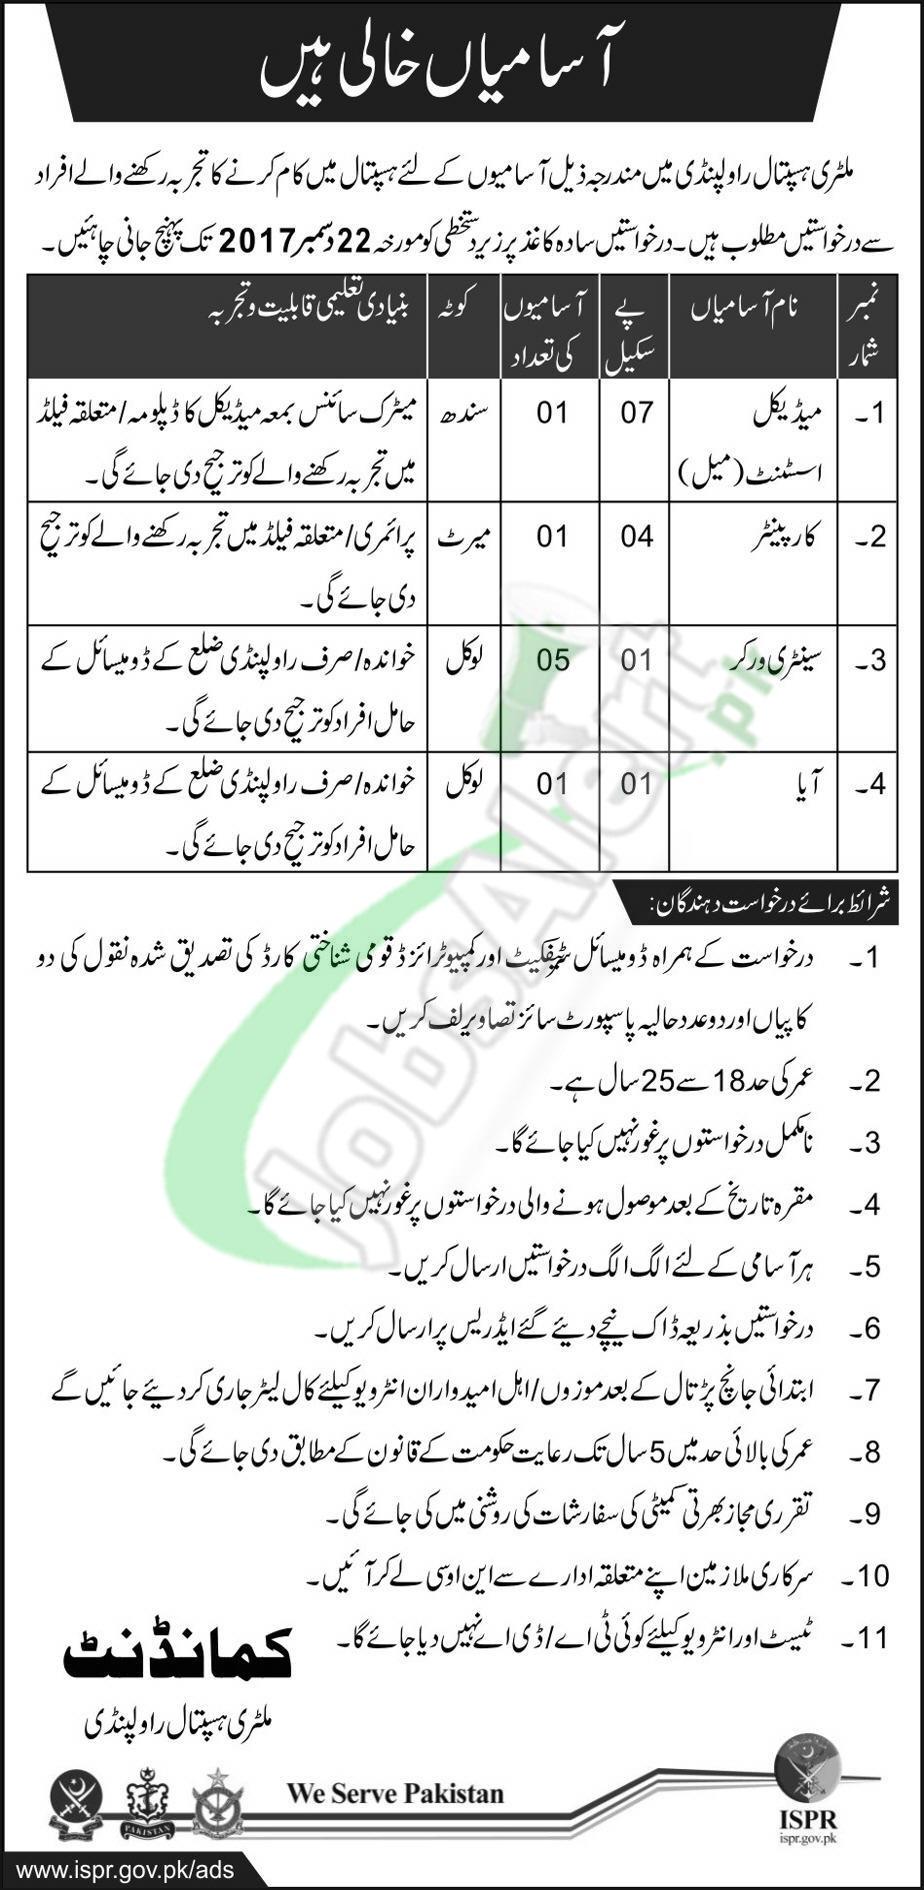 MH Hospital Rawalpindi Jobs